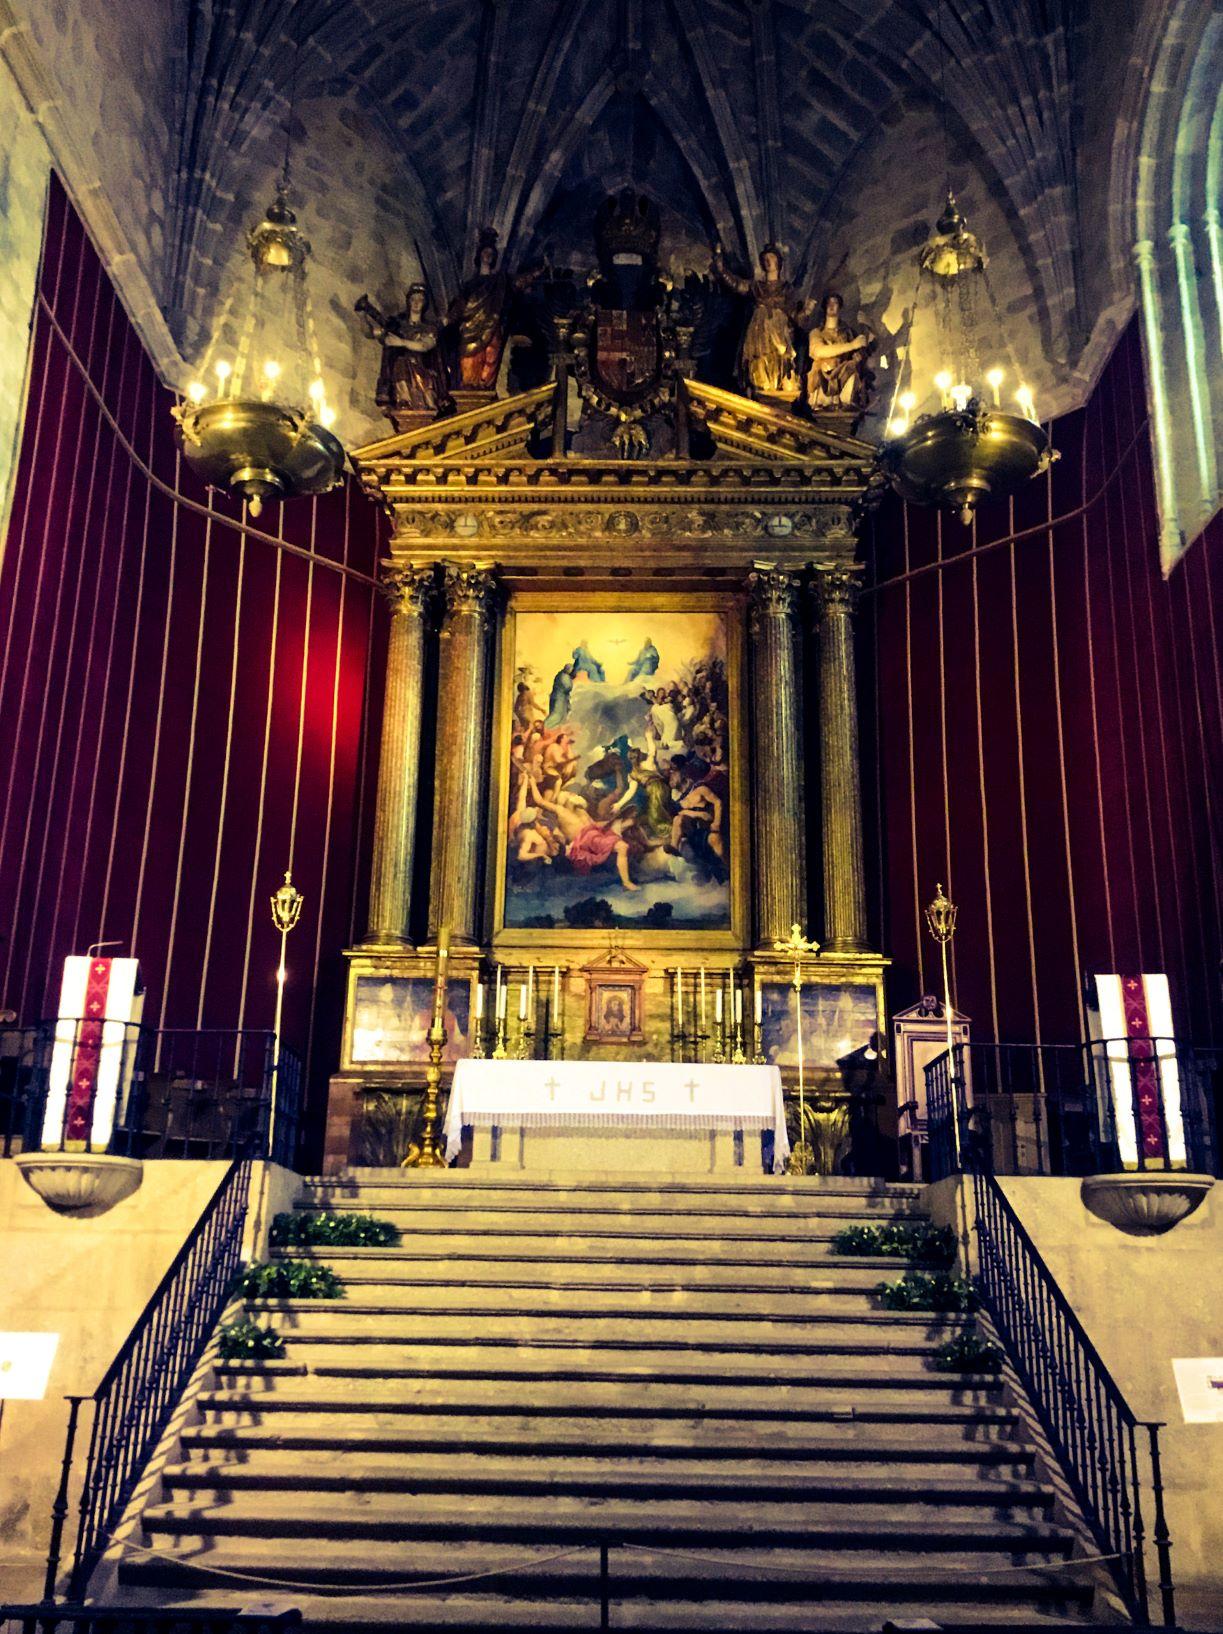 A los pies del altar de la iglesia de Yuste enterraron al emperador (Israel J. Espino)